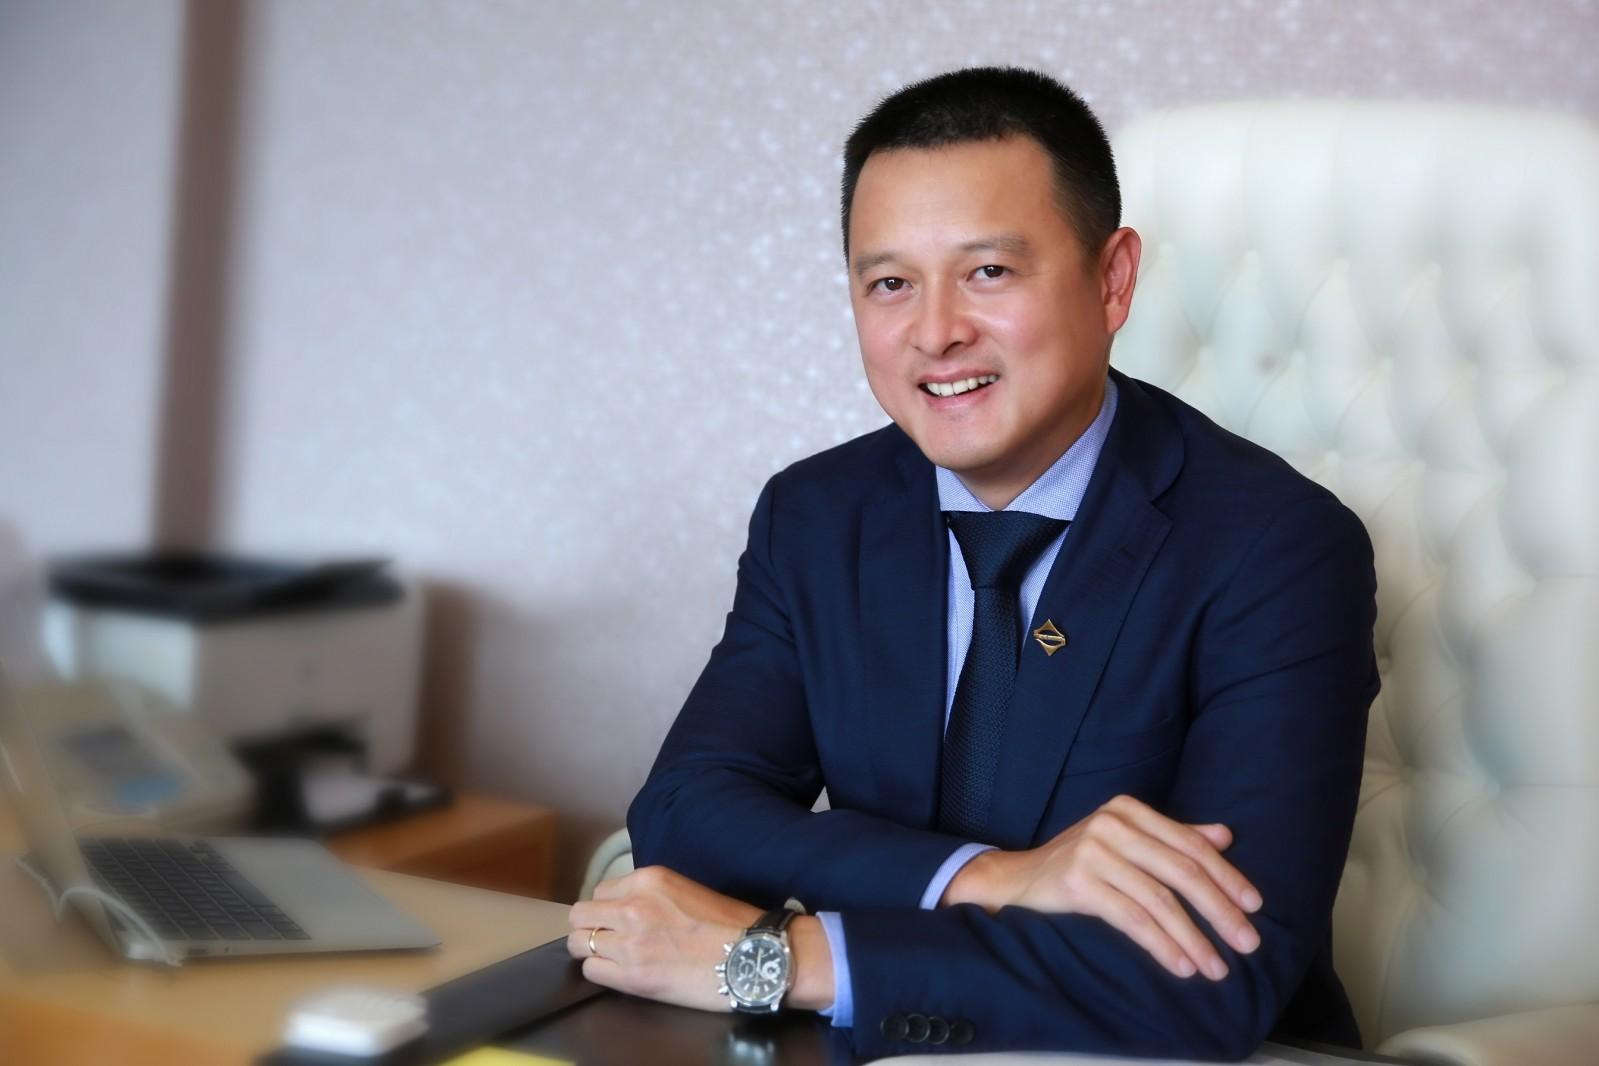 ông Đặng Minh Trường, Chủ tịch HĐQT Tập đoàn Sun Group